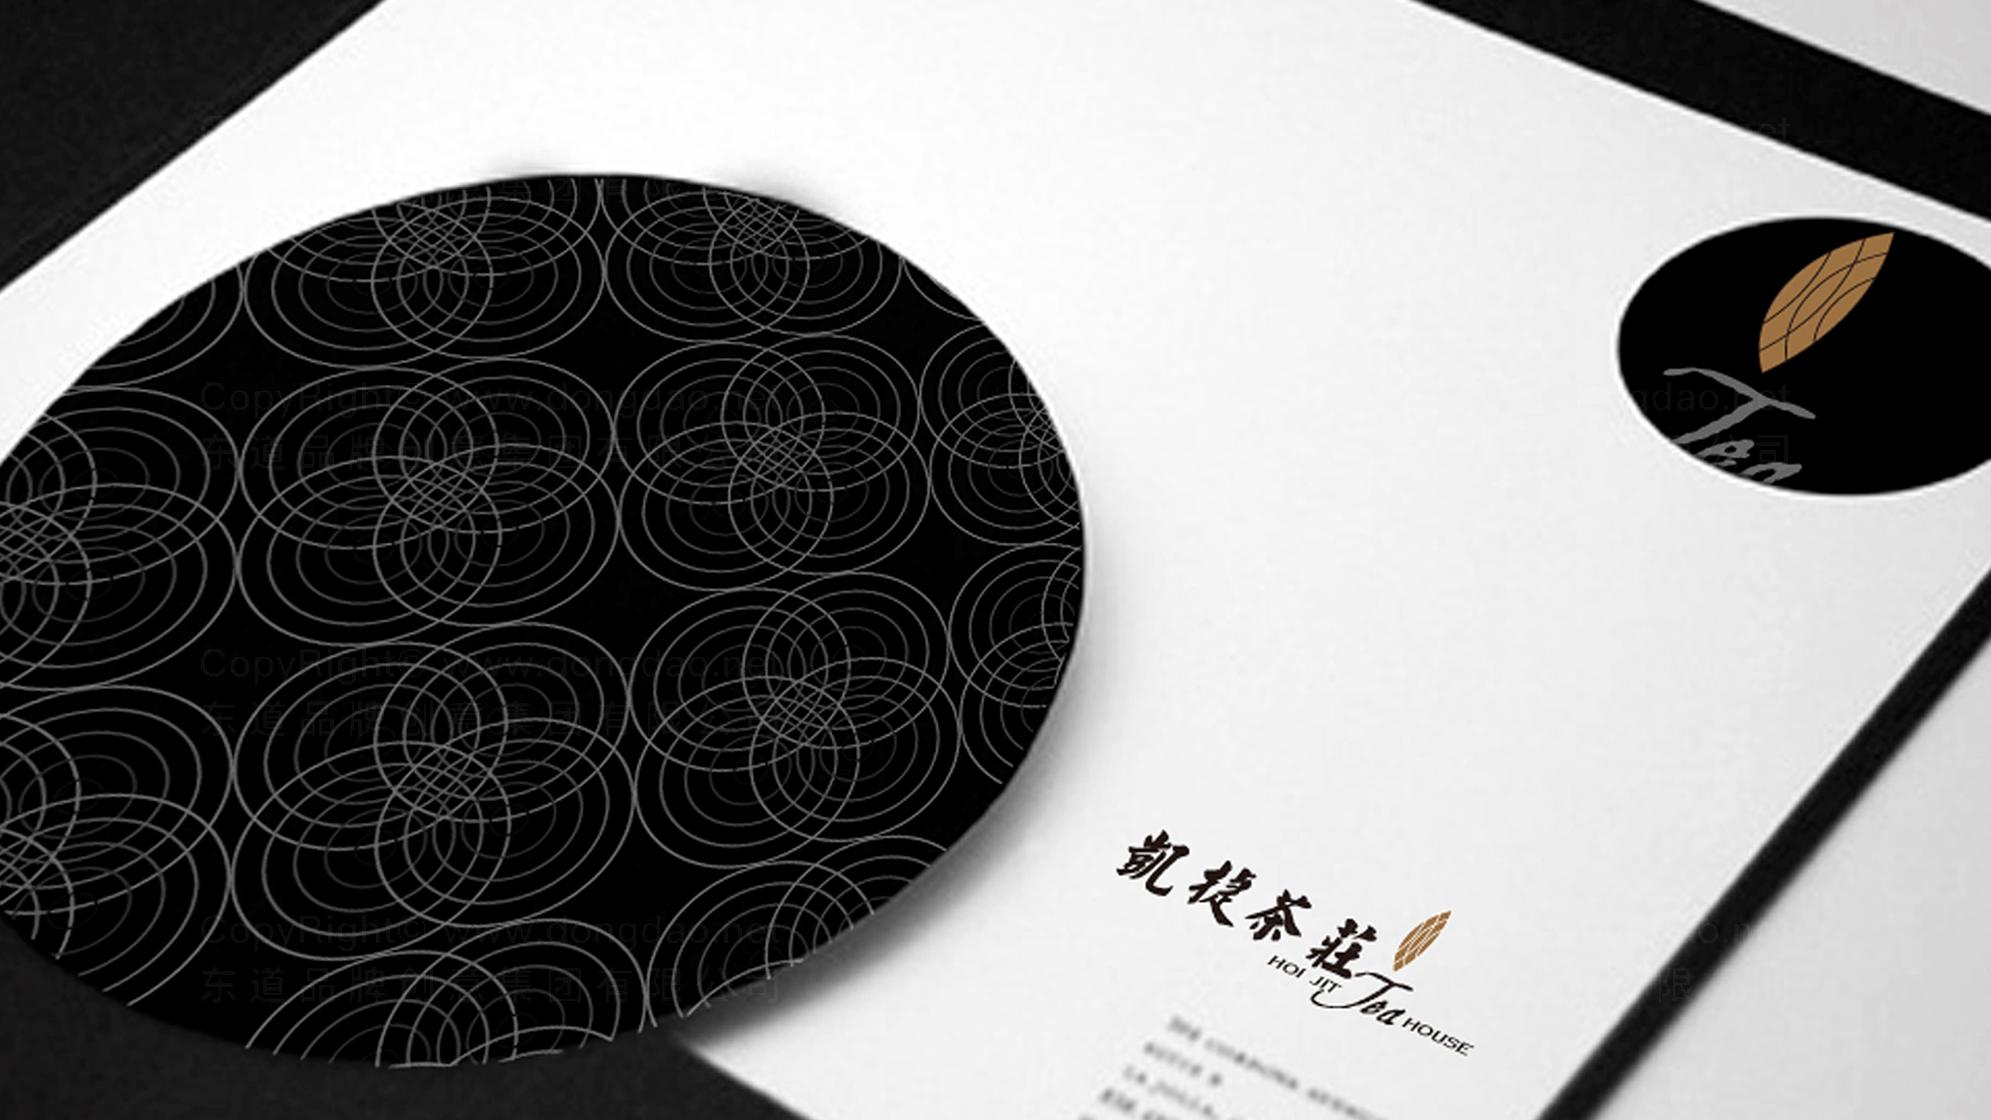 品牌设计凯捷茗茶LOGO&VI设计应用场景_1